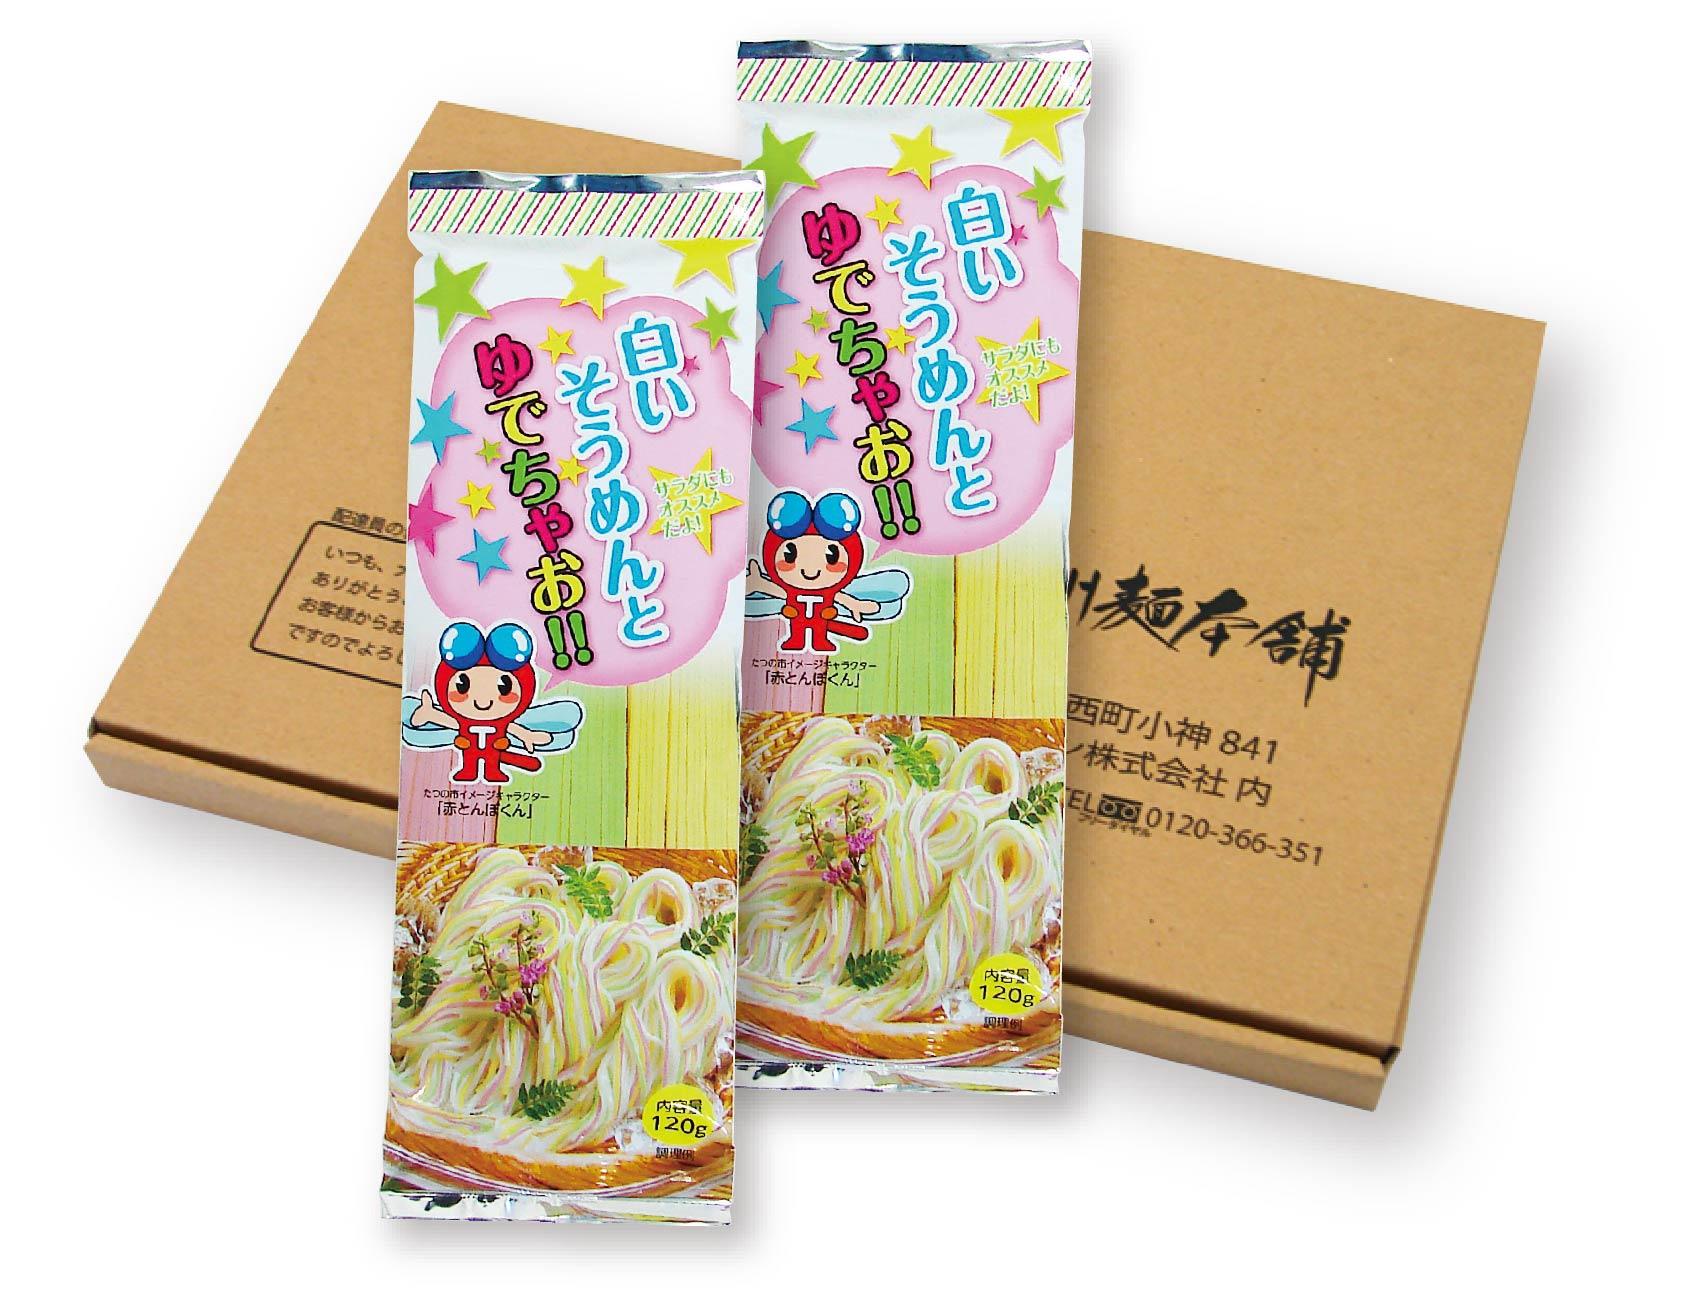 【紙上蔵開き 商品番号TS-25】 白いそうめんとゆでちゃお120g×5袋